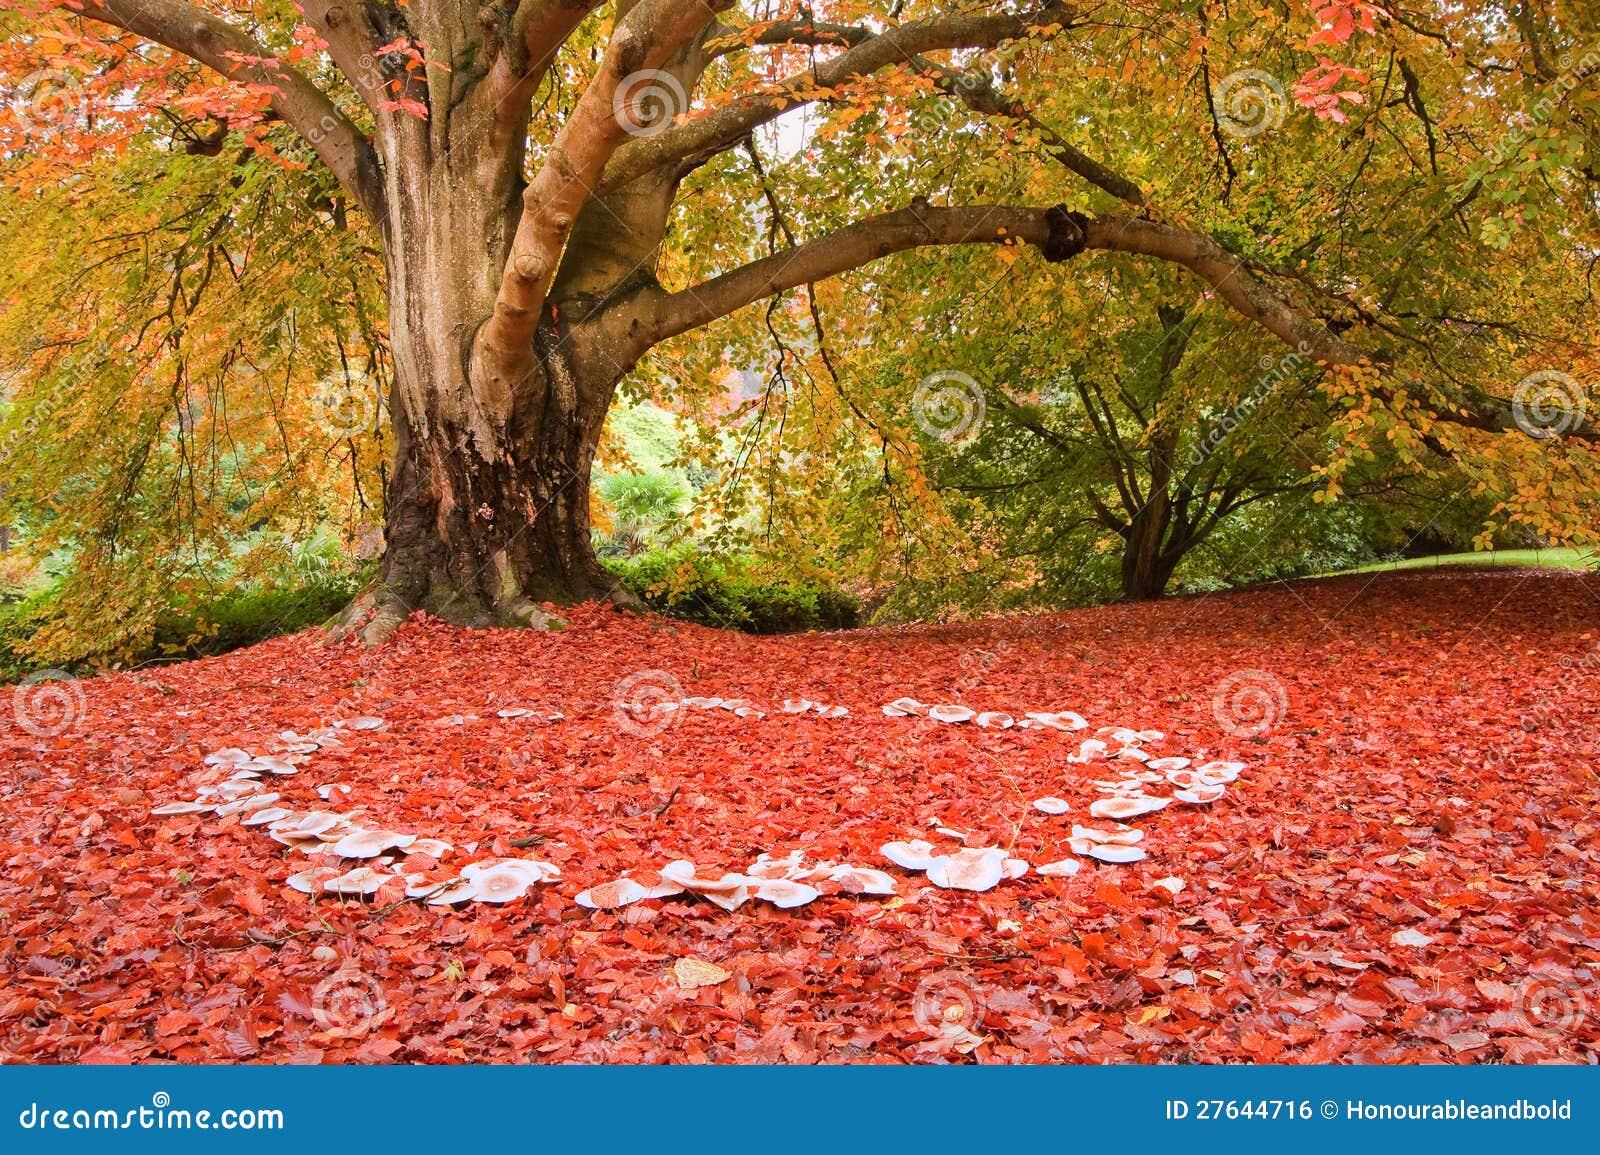 Beautiful Autumn Fall Nature Fairy Ring Mushrooms Stock